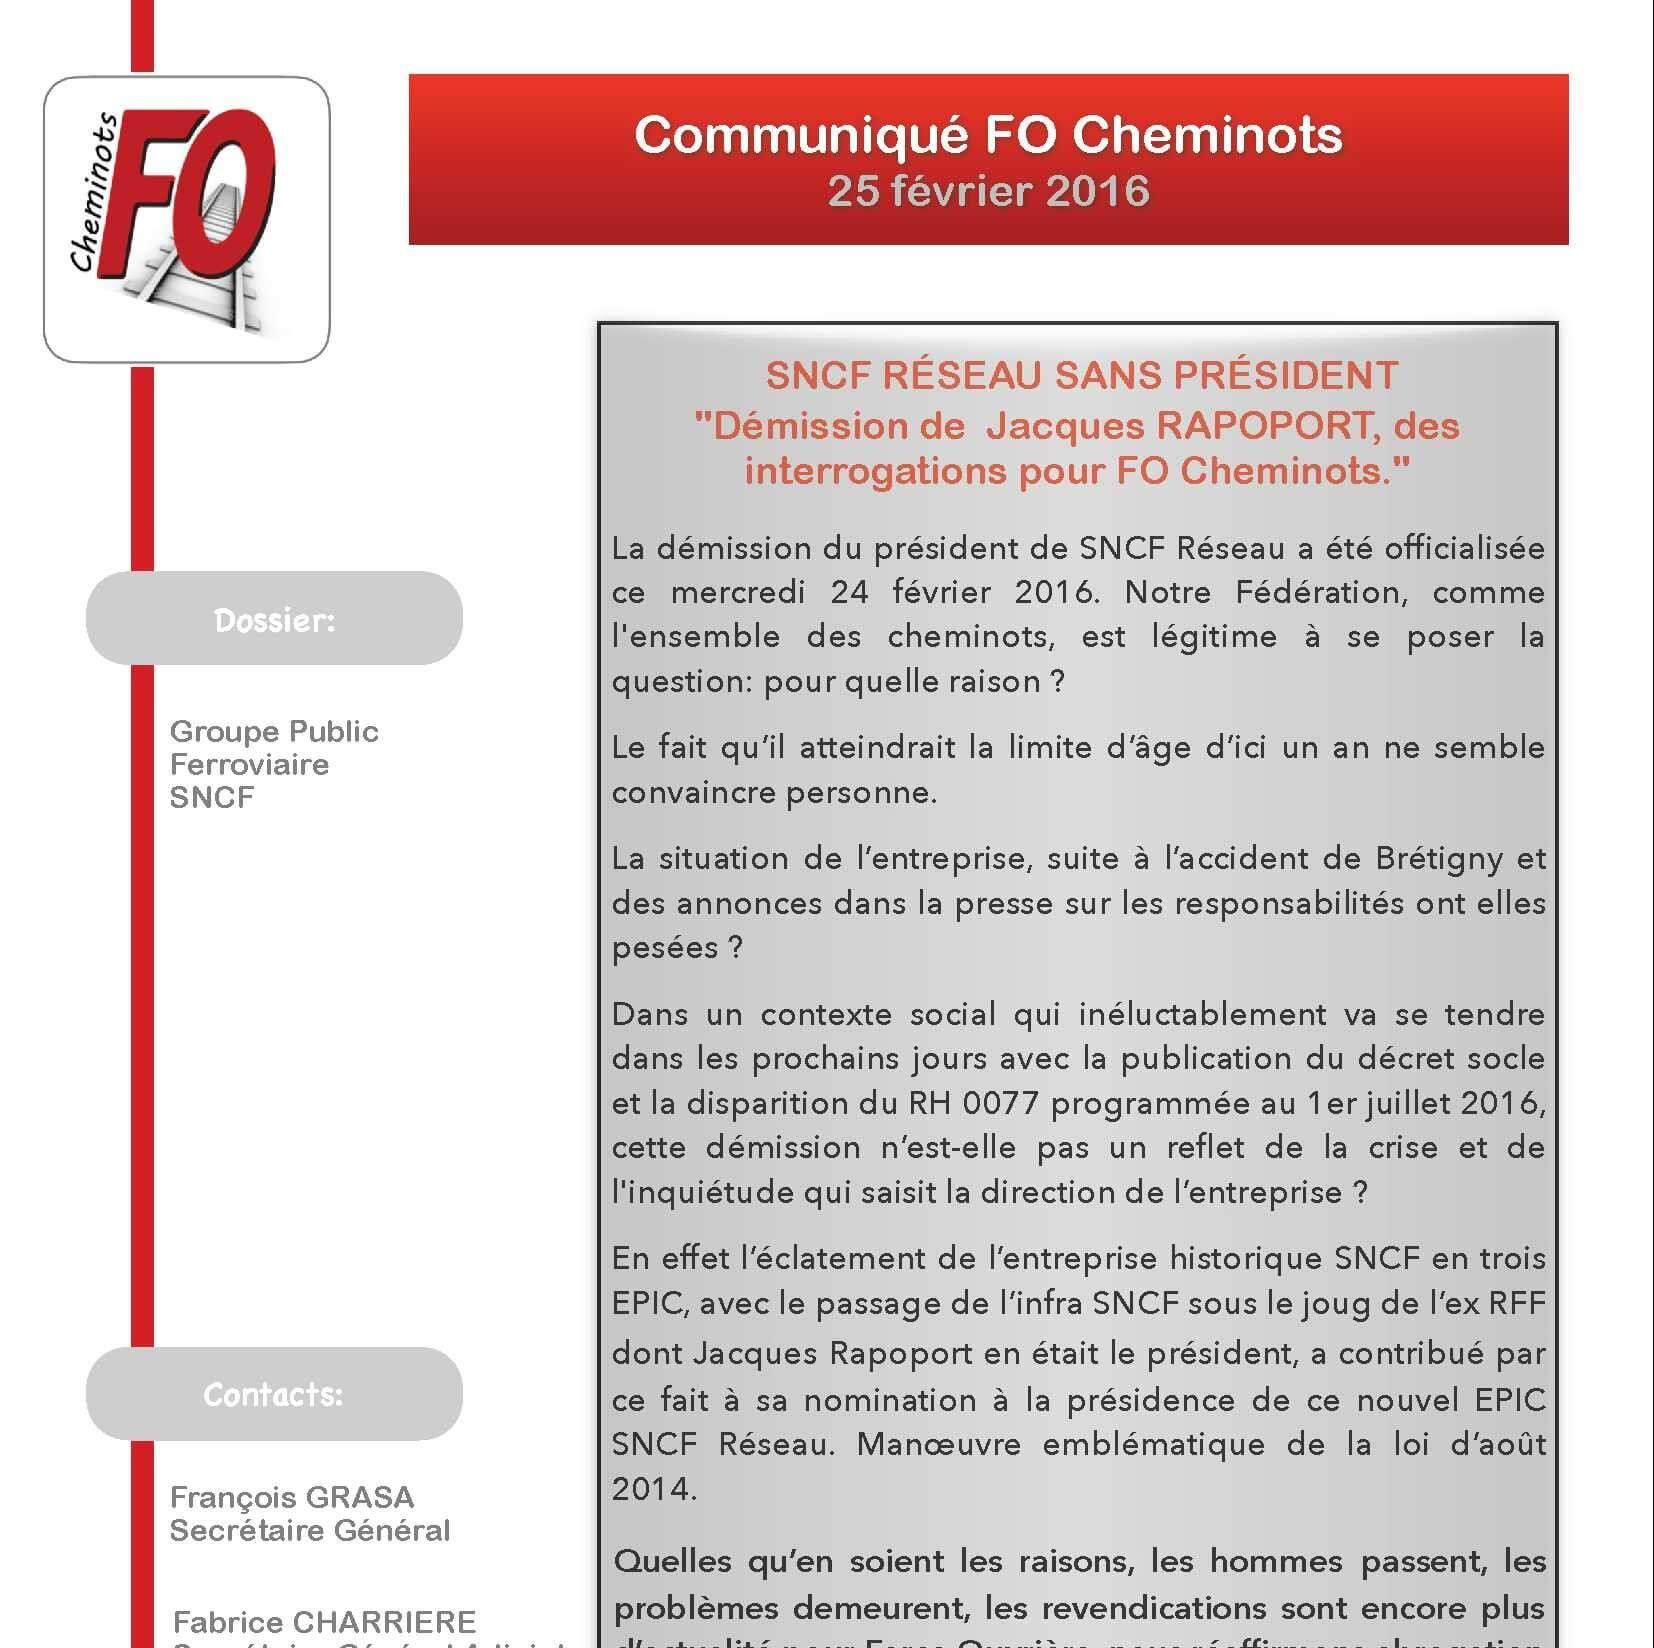 SNCF RÉSEAU SANS PRÉSIDENT «Démission de Jacques RAPOPORT, des interrogations pour FO Cheminots.»